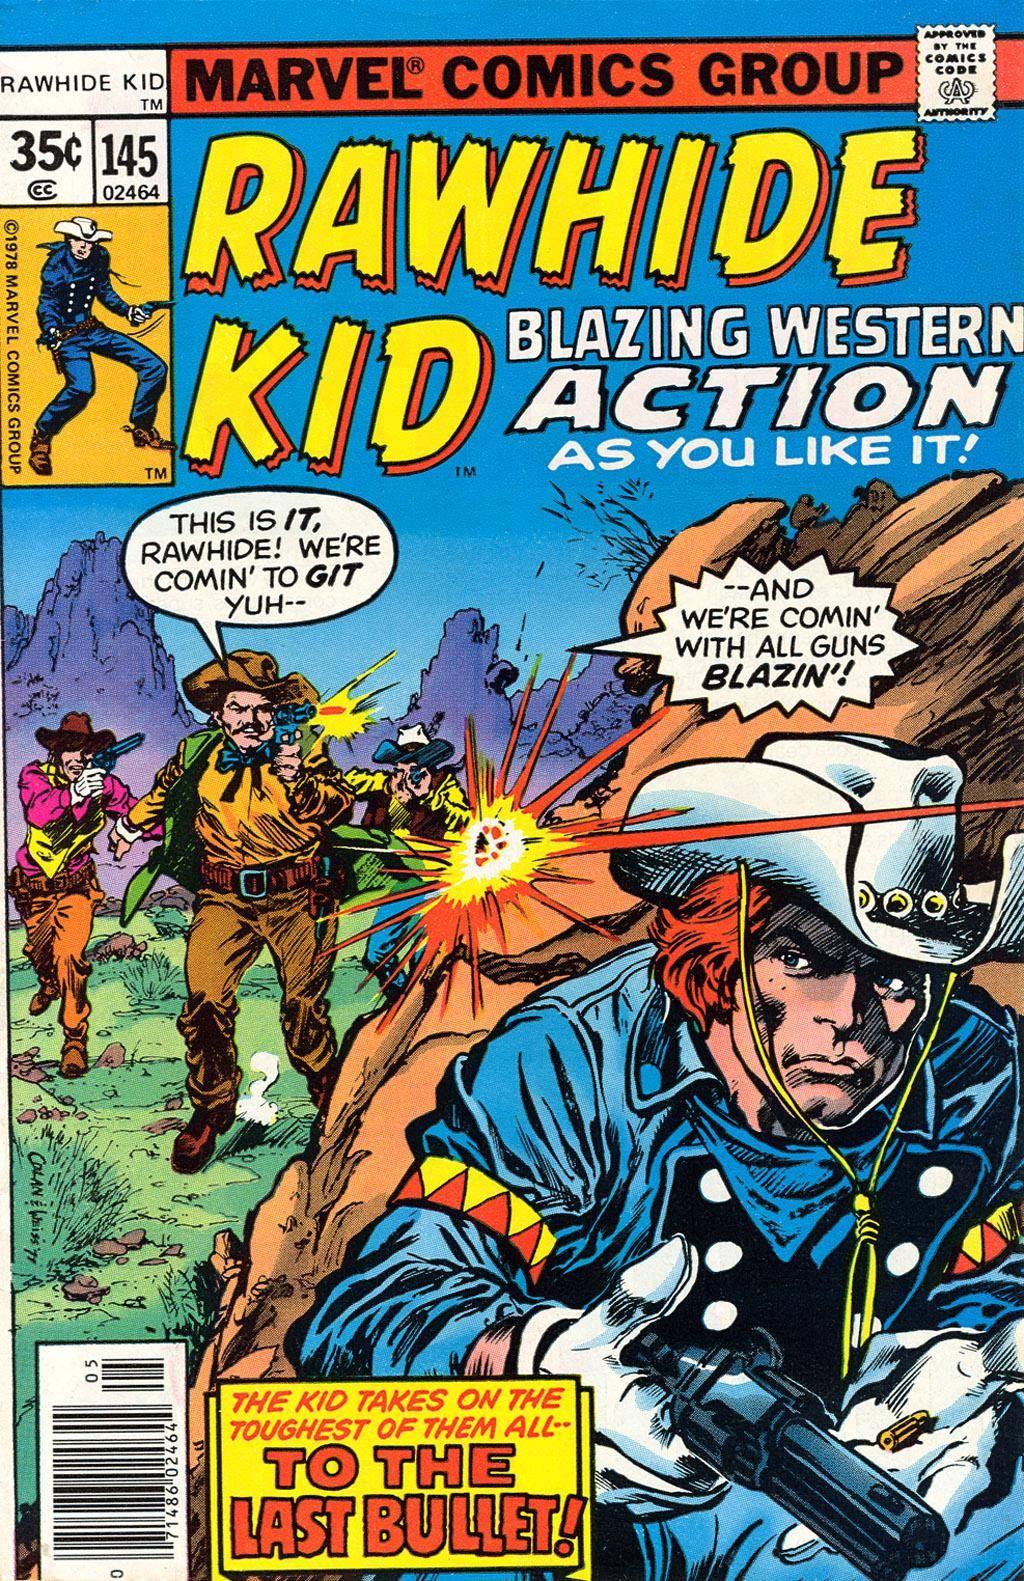 Rawhide Kid v1 145 1978 Brigus